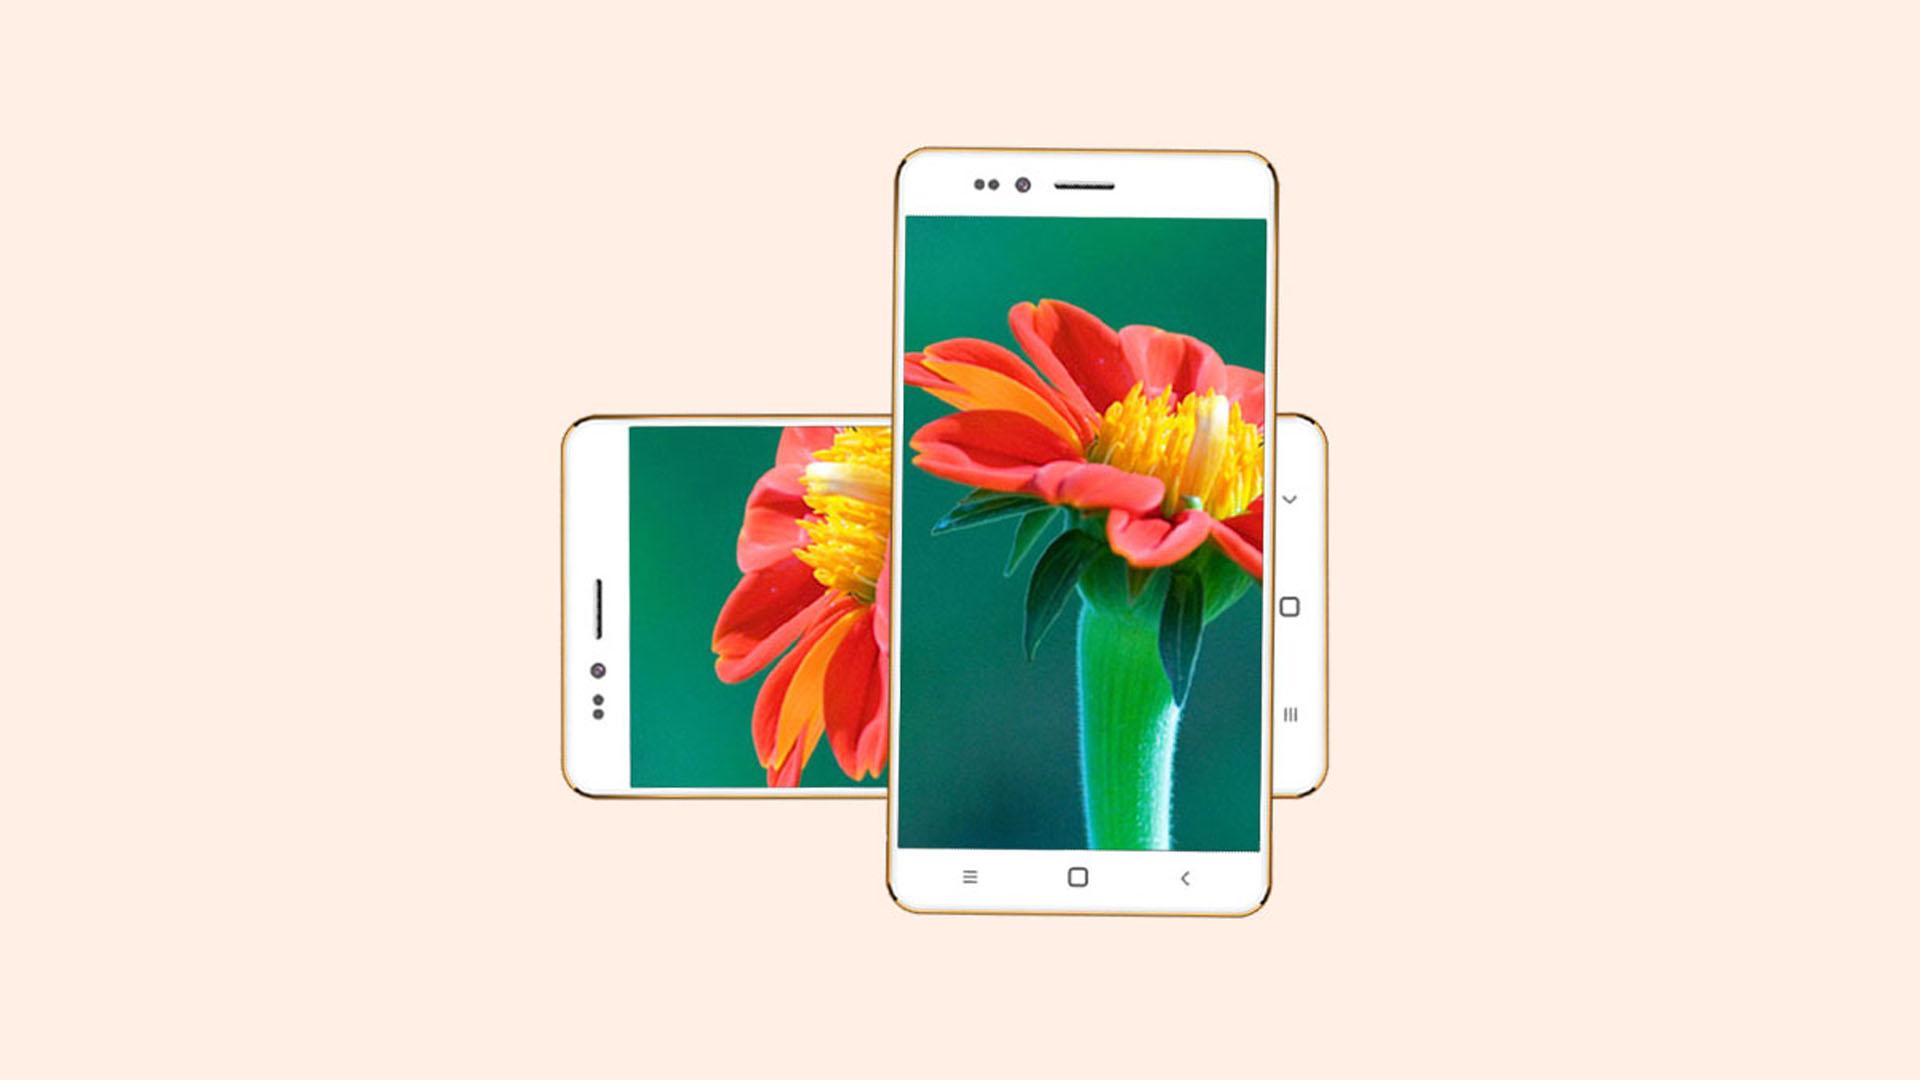 Le smartphone indien à 3 euros: prêt à être livré @Yonnescaut